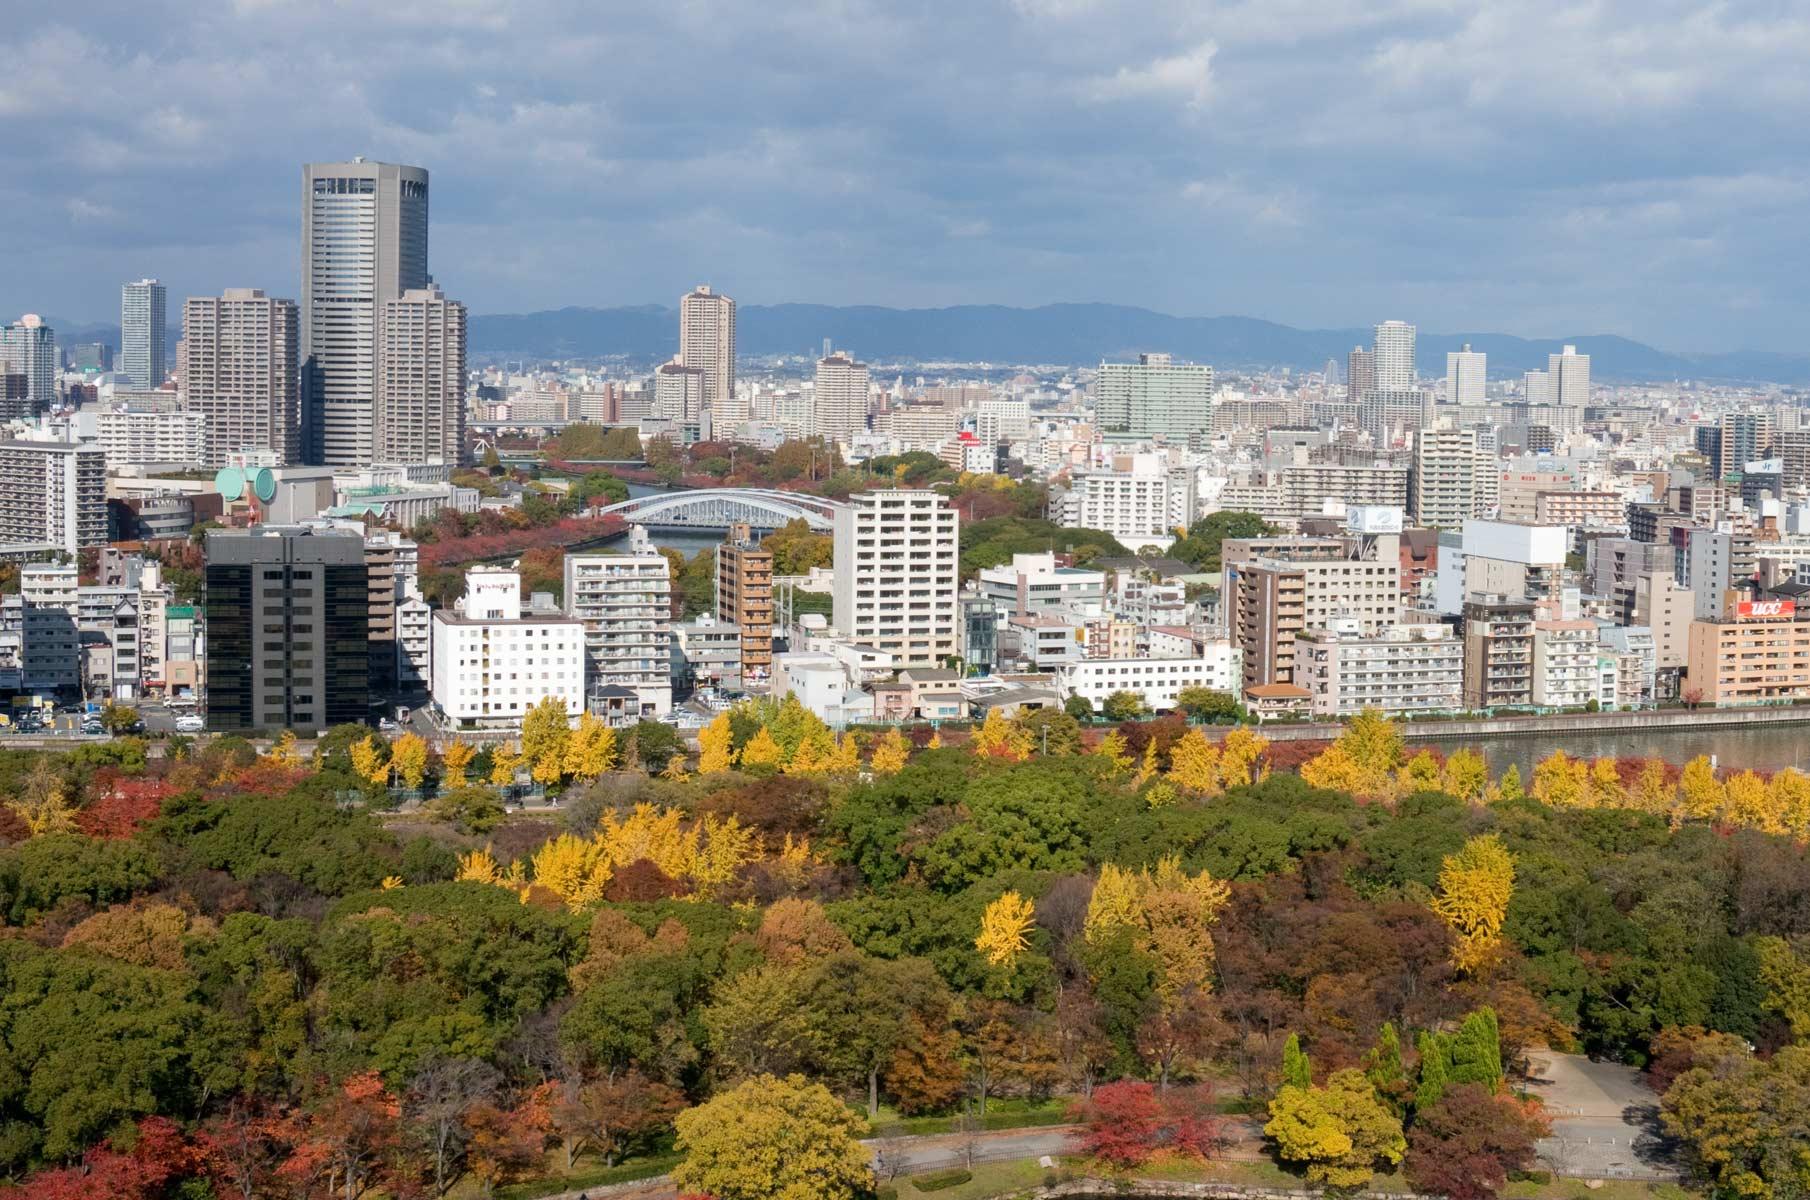 Blick auf Osaka mit farbenfrohem Herbstlaub von der Burg Osaka in Japan